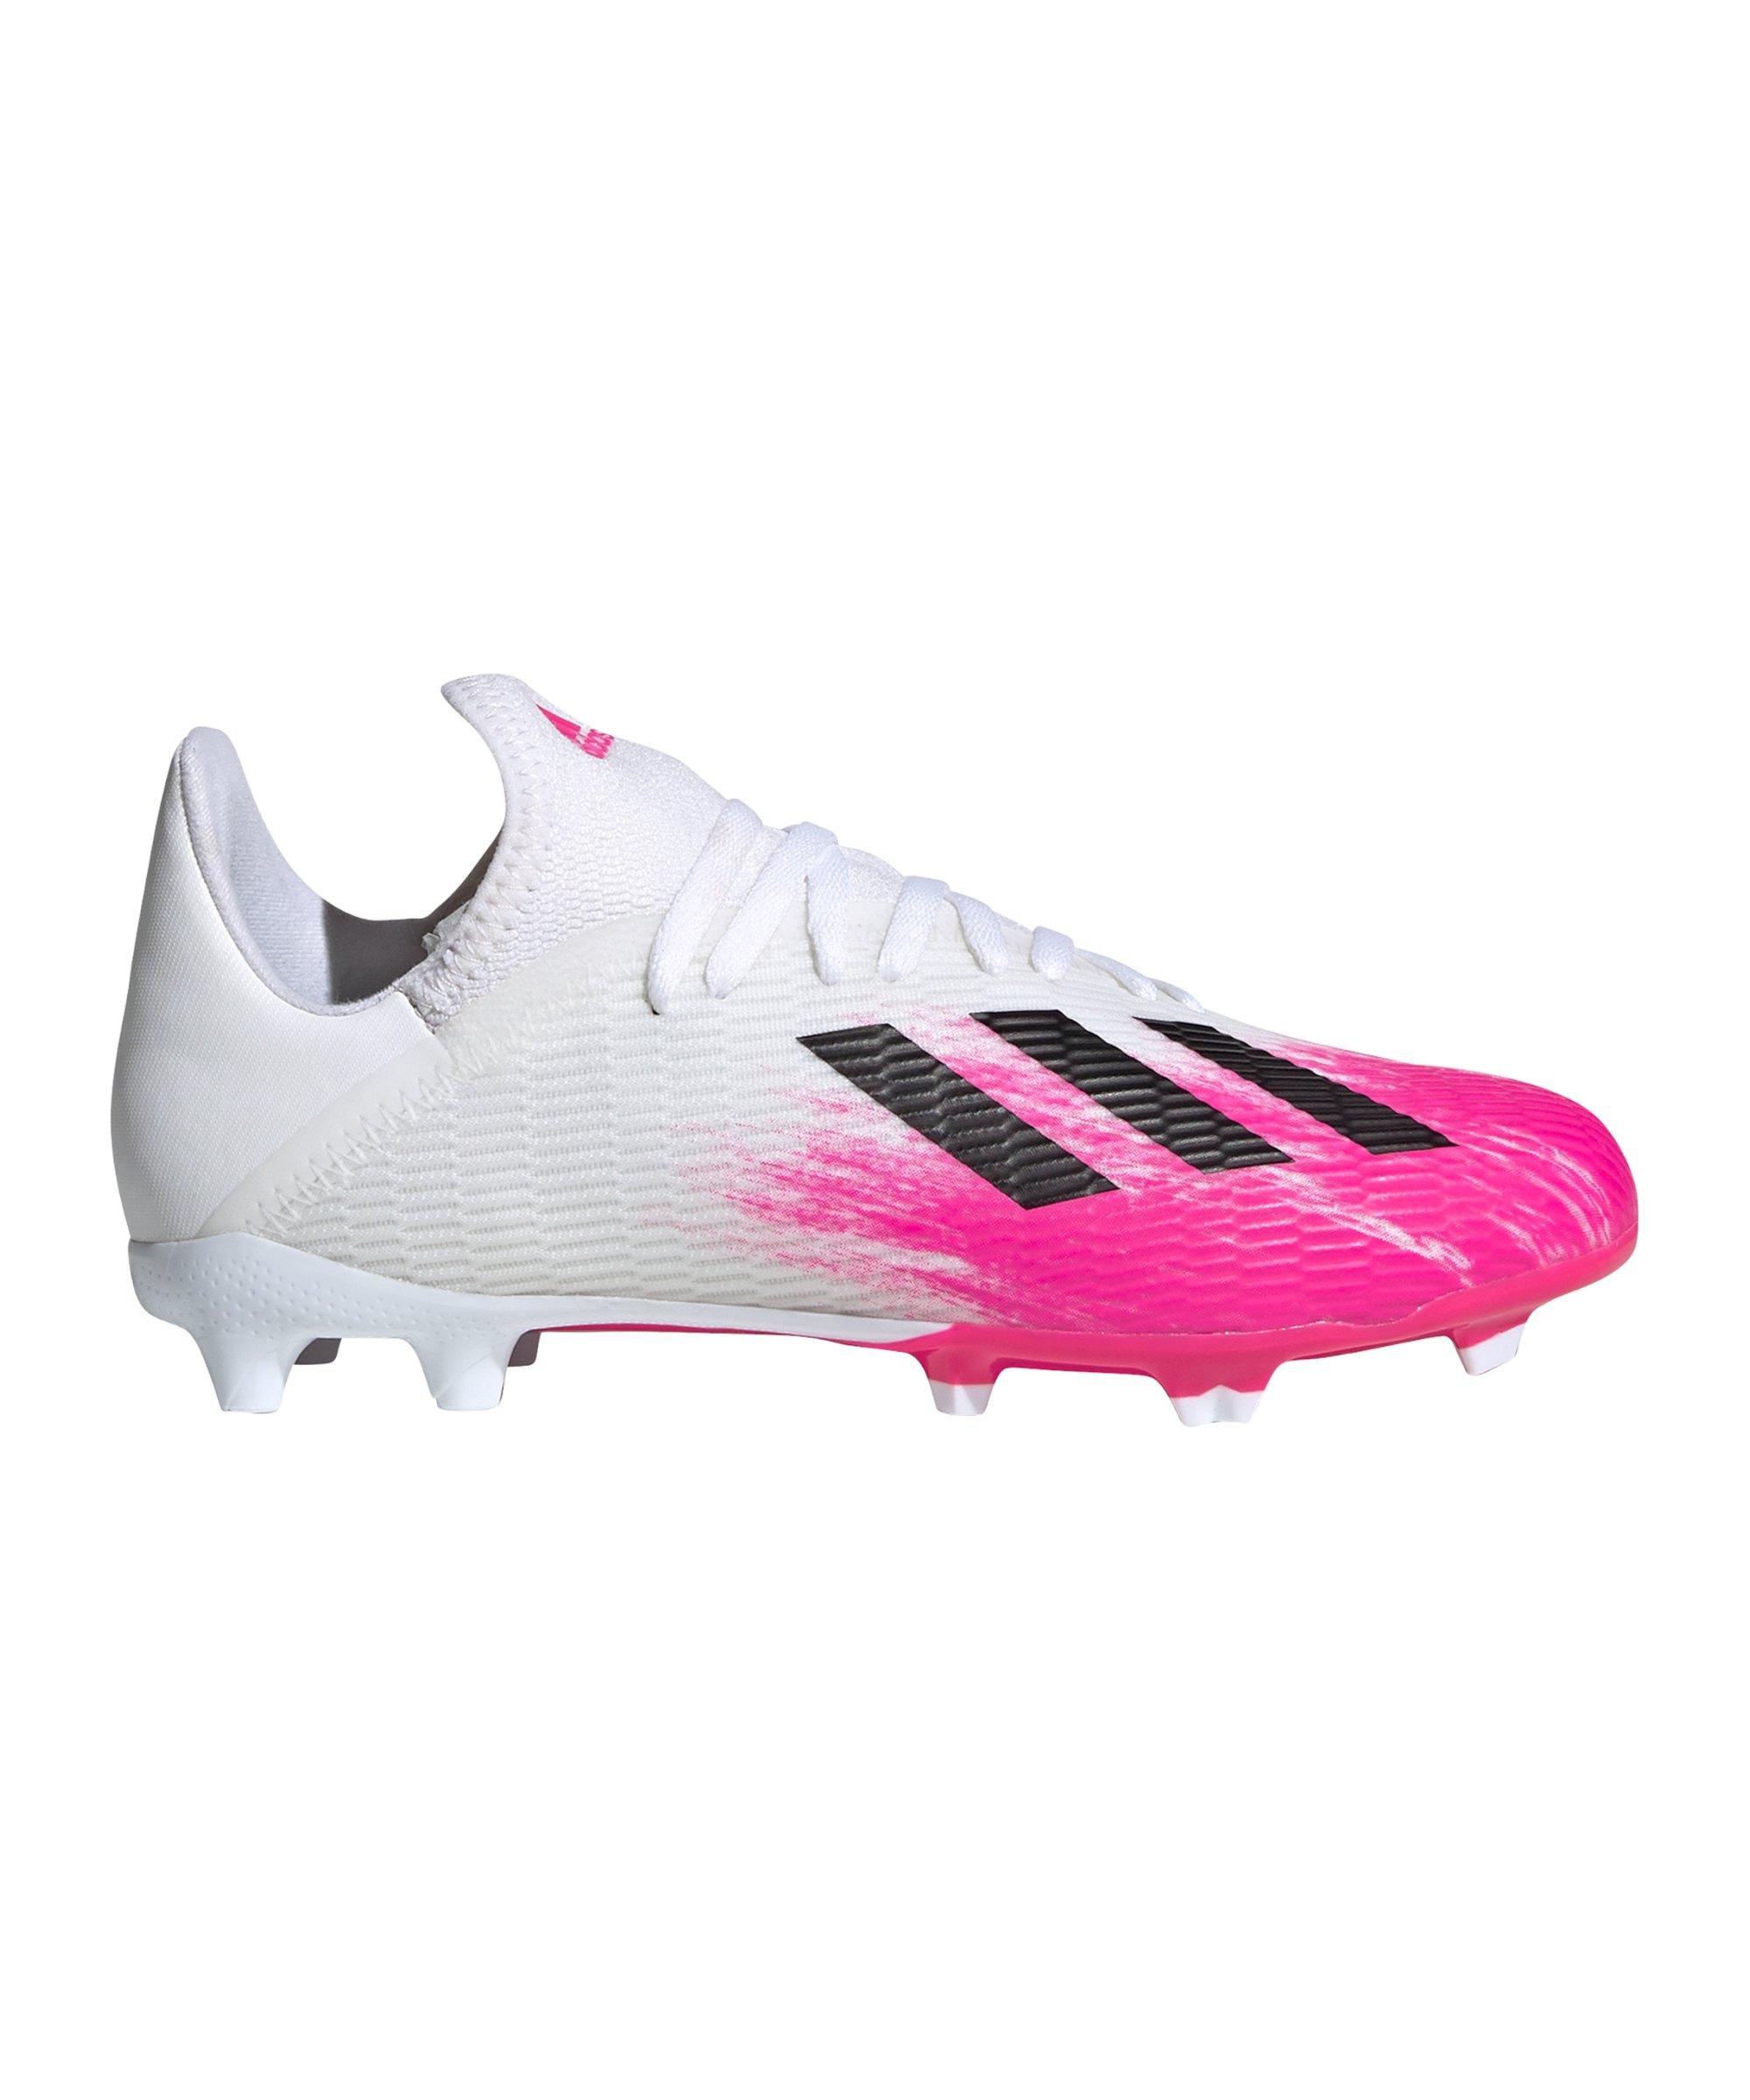 adidas X Uniforia 19.3 FG J Kids Weiss Pink - weiss